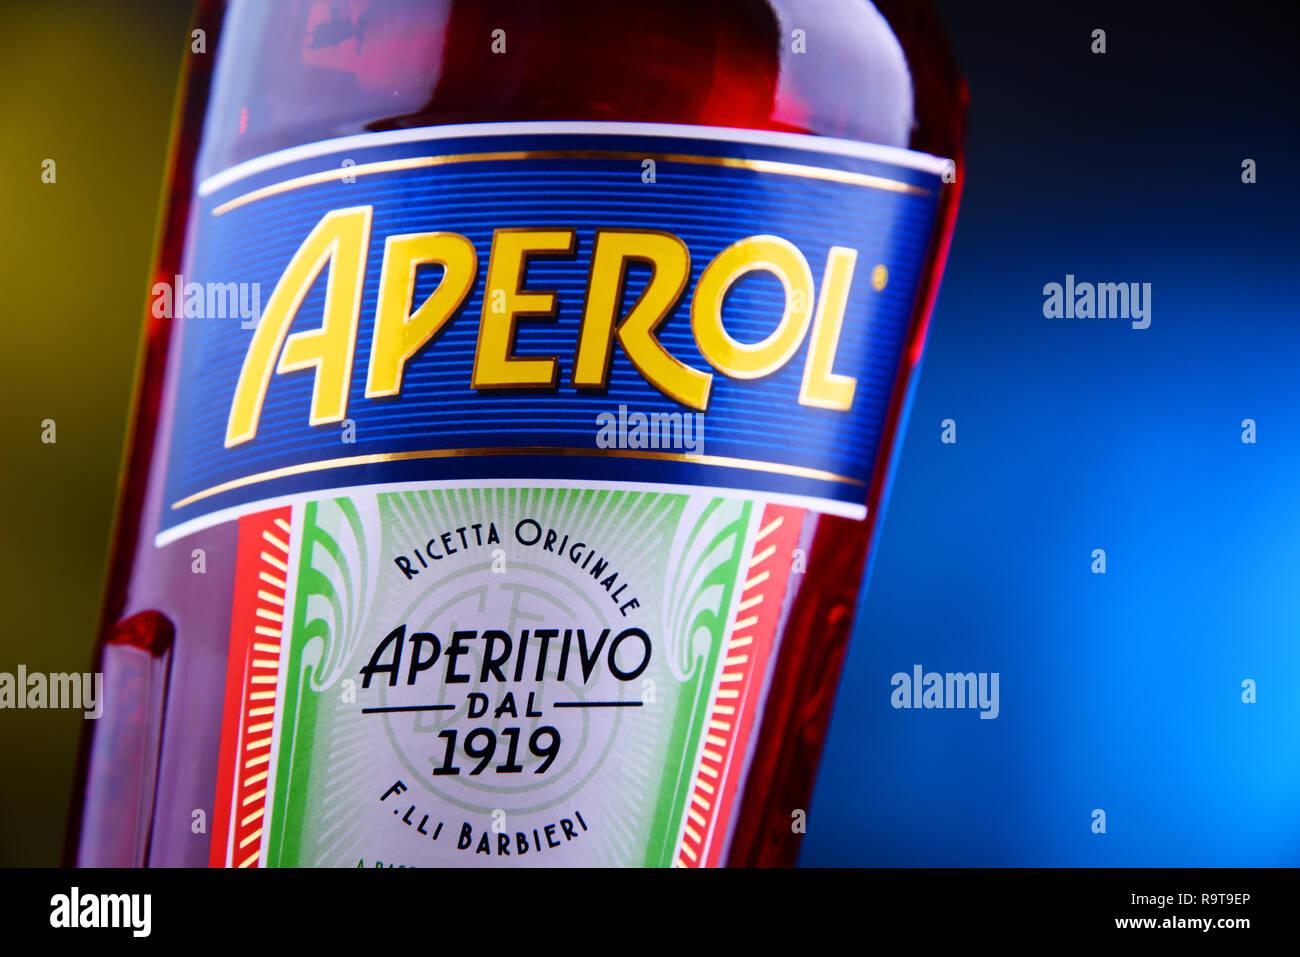 POZNAN, POL - Nov 29, 2018: Bottiglia di Aperol, un aperitivo italiano fatta di genziana, rabarbaro e china, è prodotta dalla società Campari. Immagini Stock